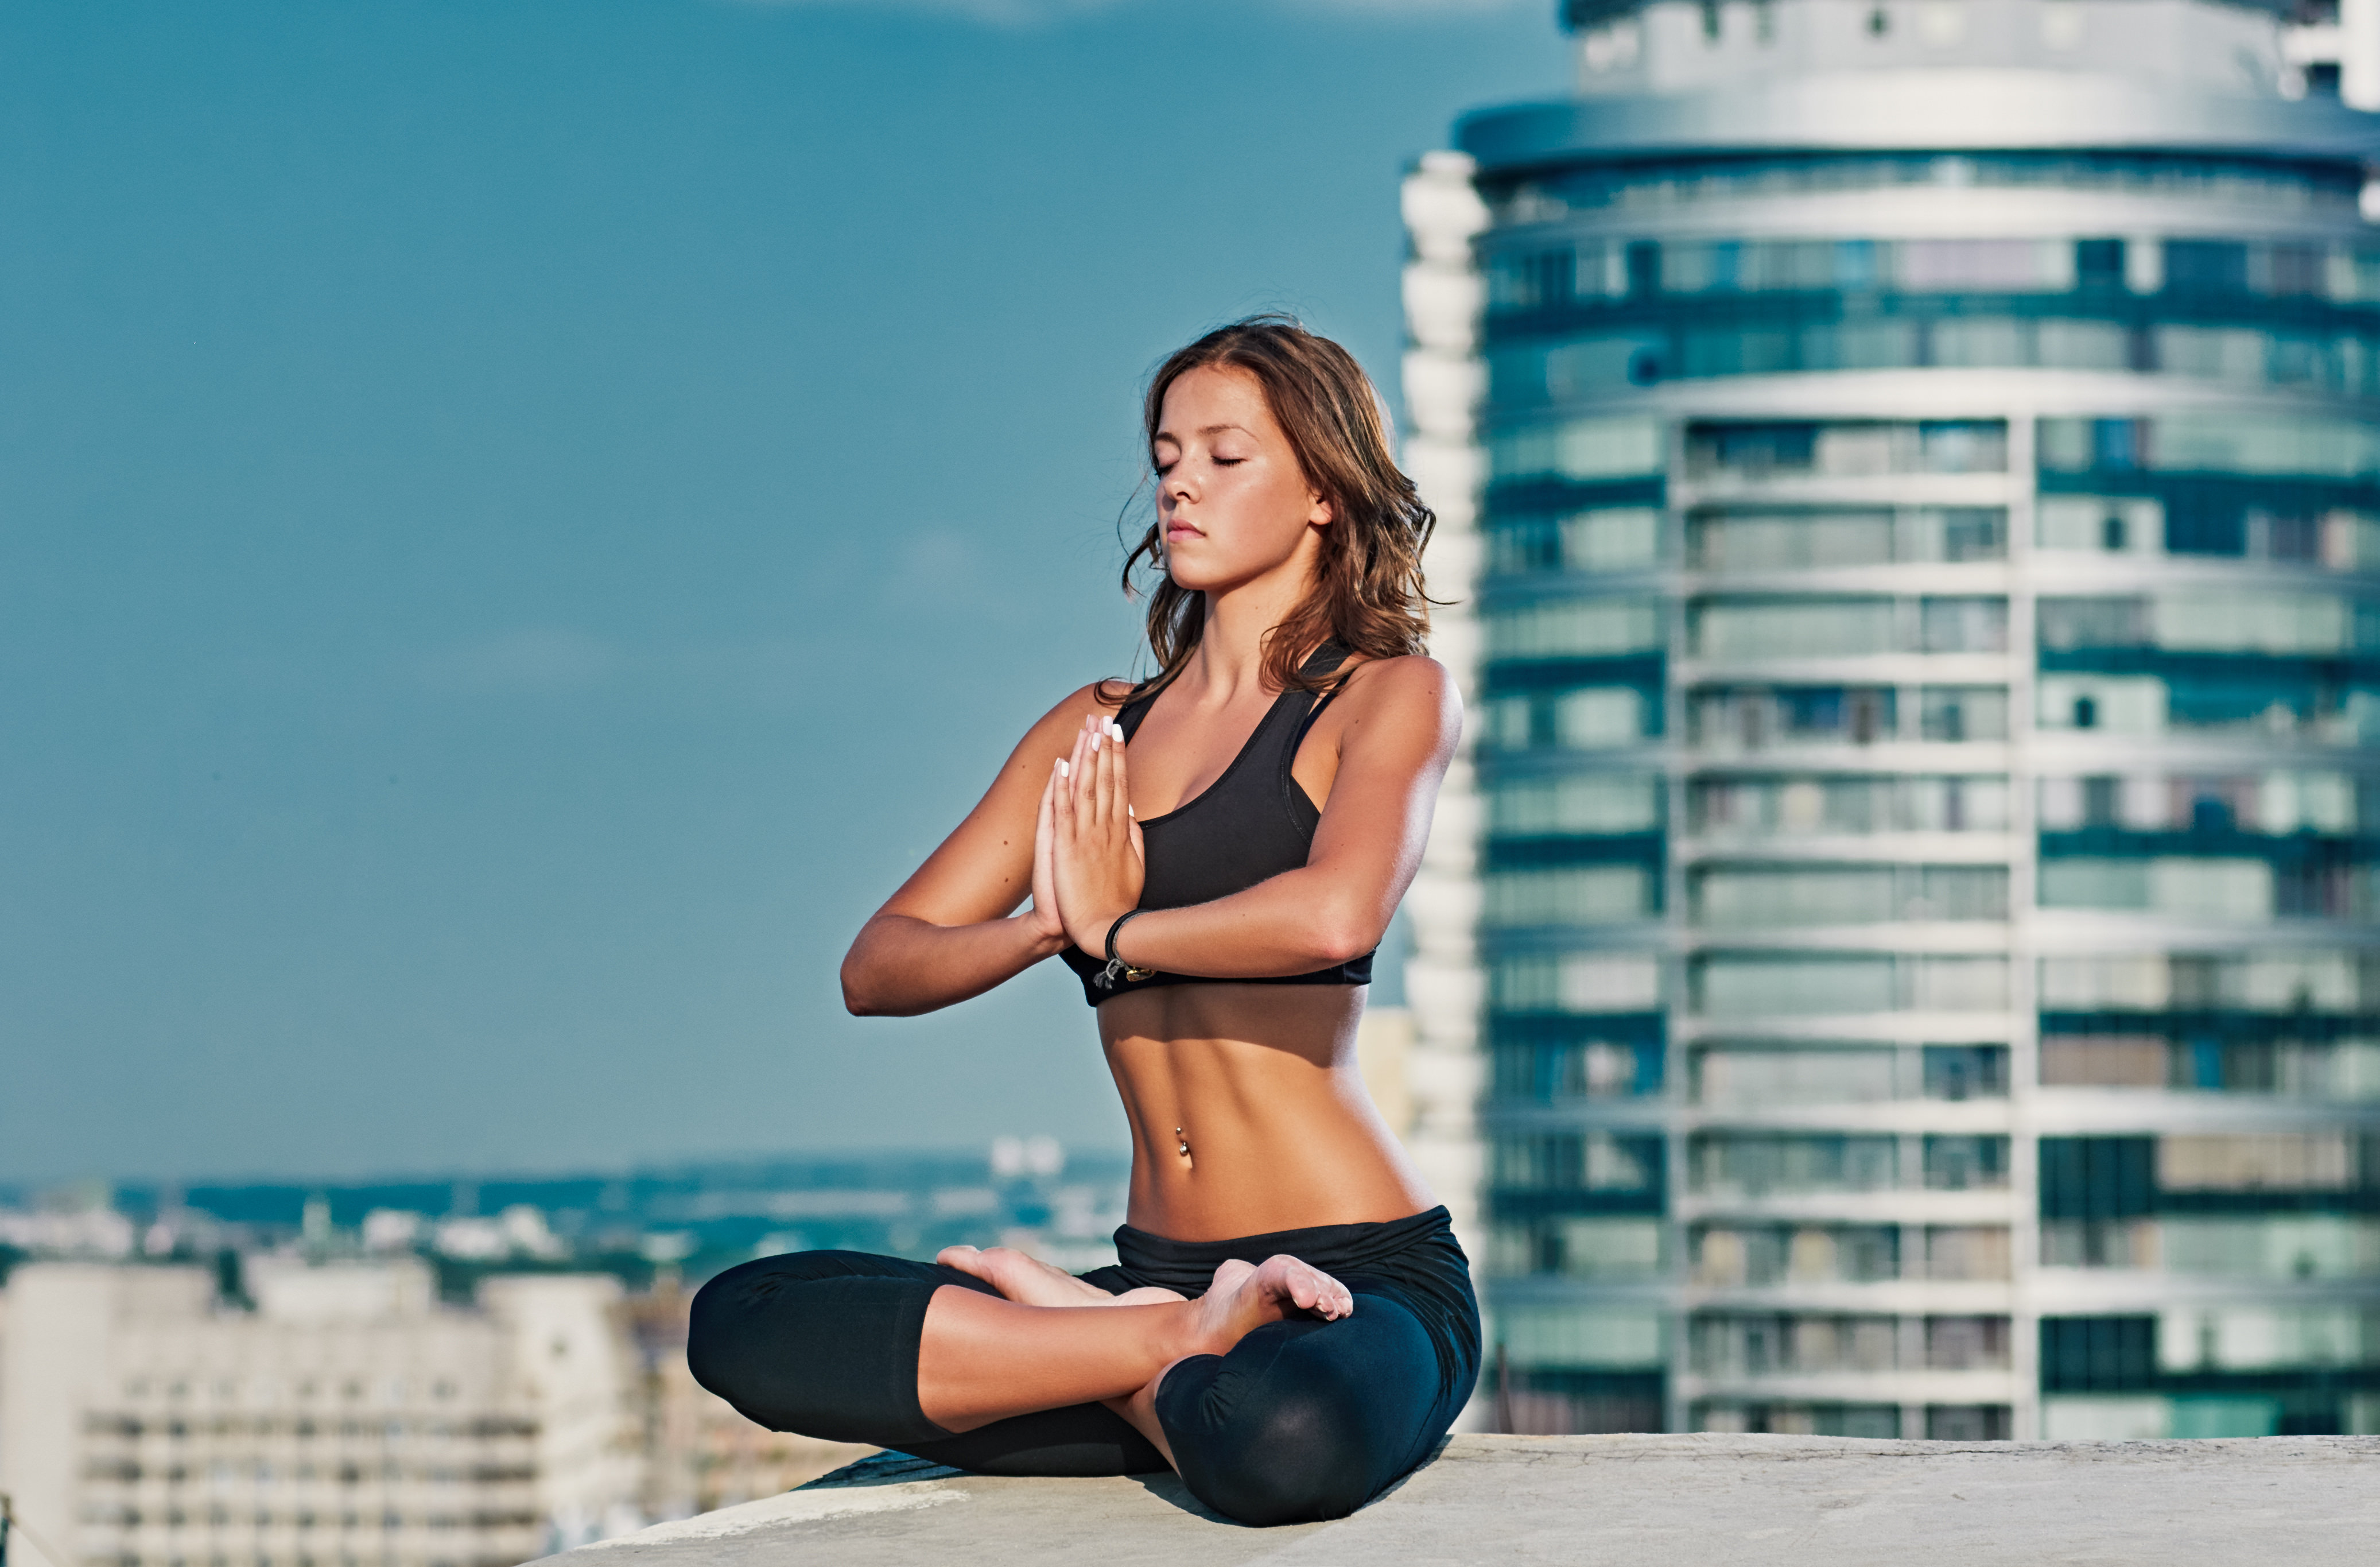 Йога и восточные практики